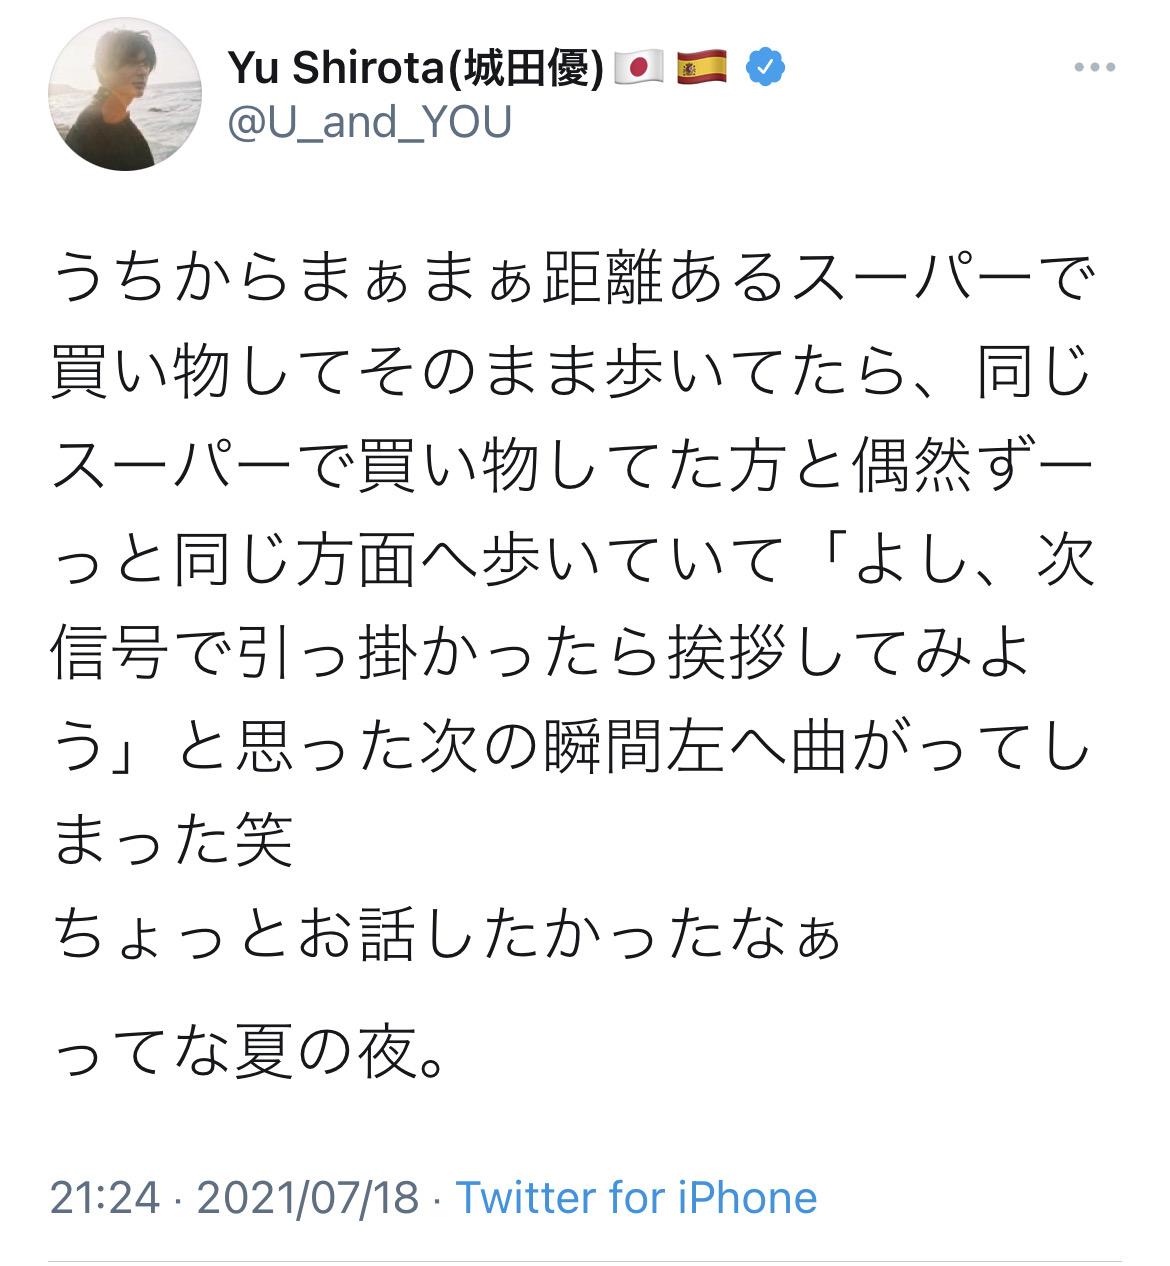 【悲報】城田優さん、スーパーにいた知らない女の子が帰り道が同じだったからって声を掛けようとする